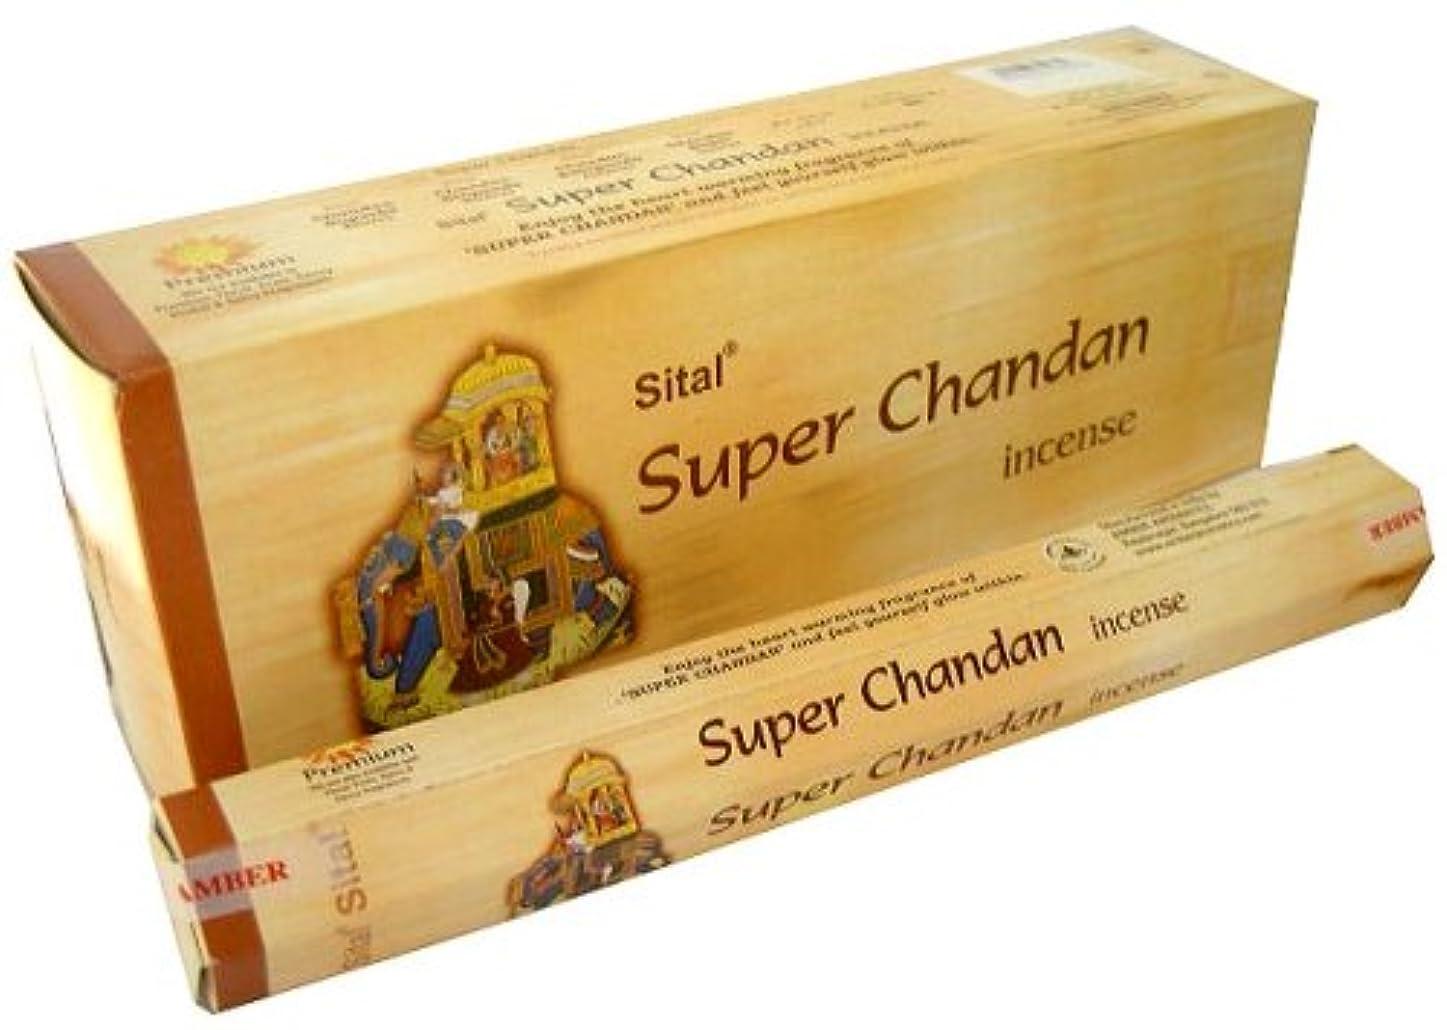 協同母性根拠Sital スーパーチャンダン 3個セット